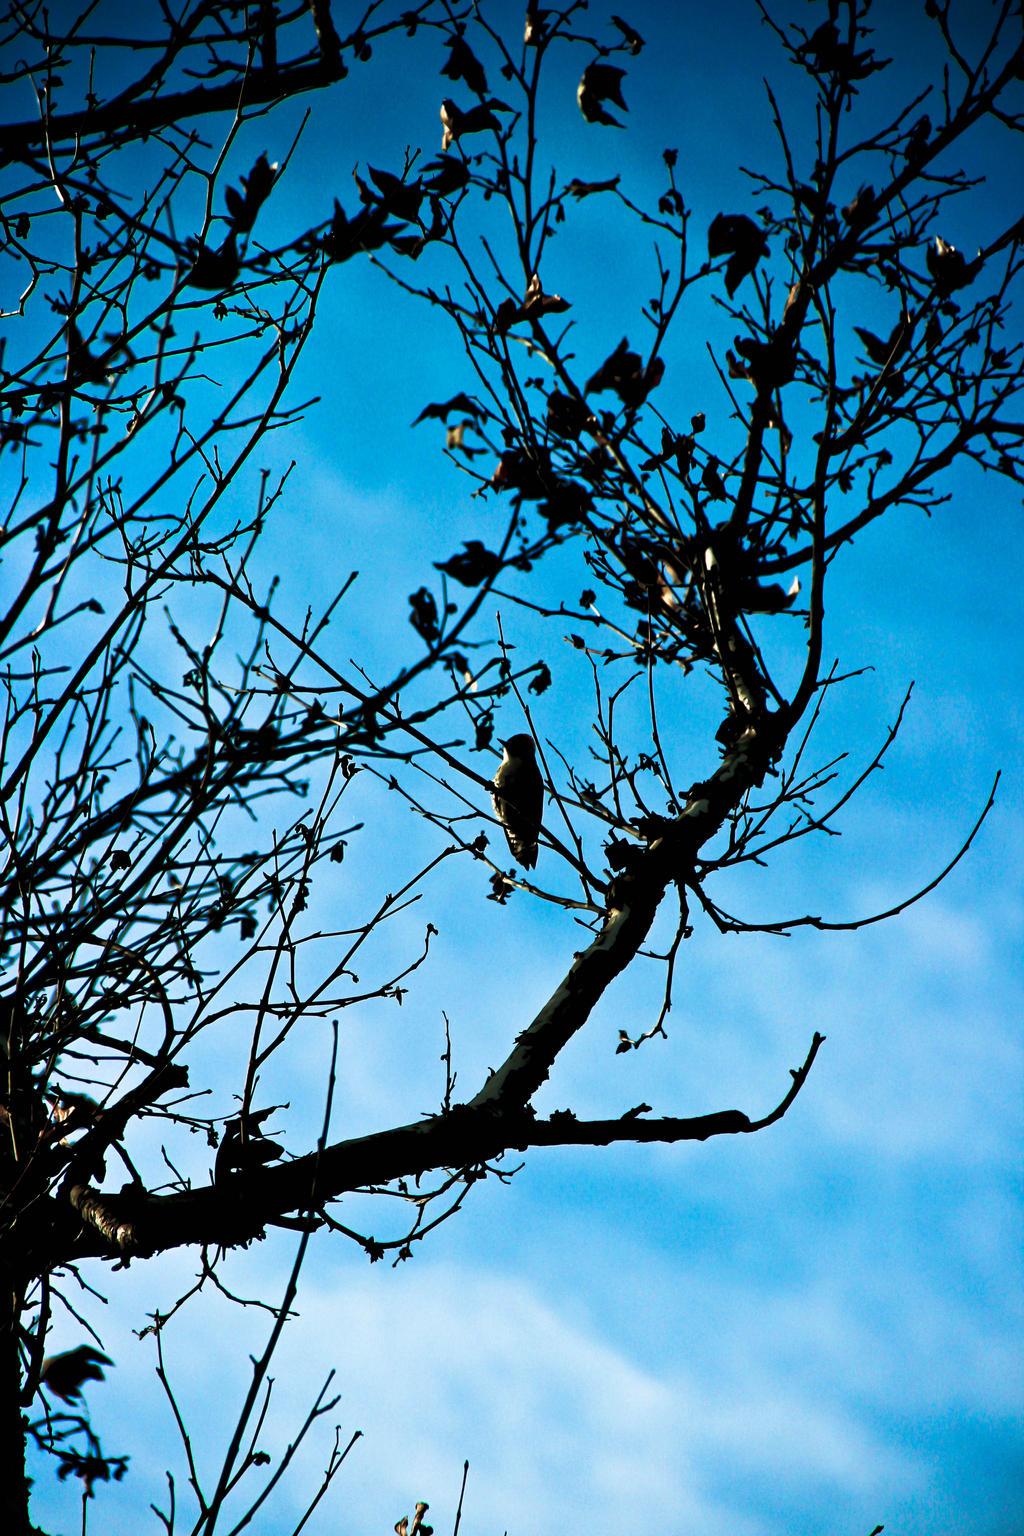 Blue Jay by heART-Werks